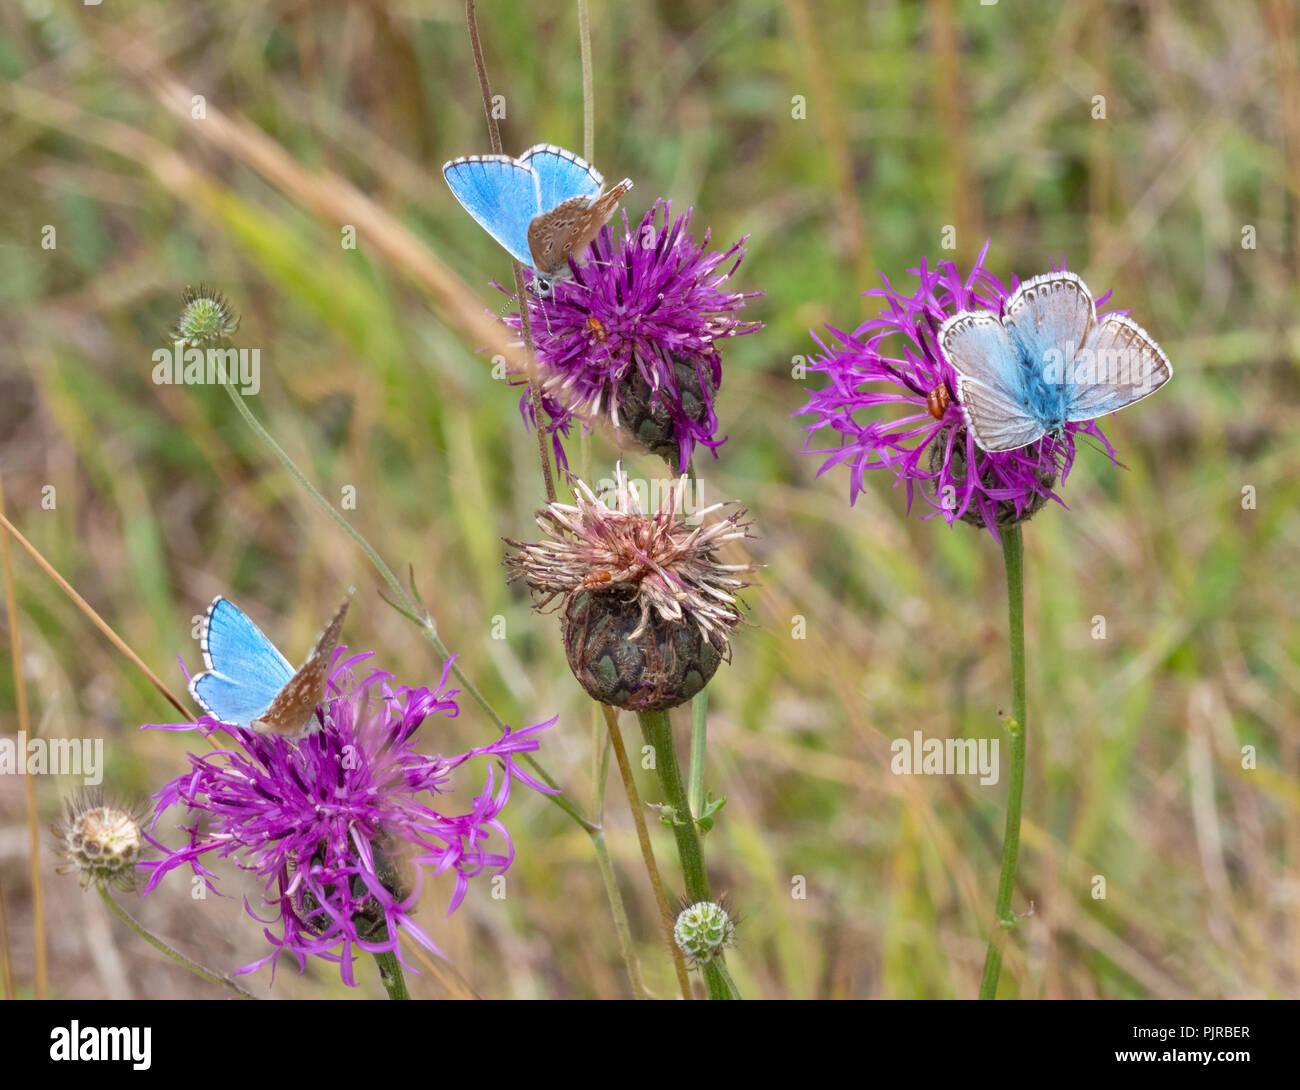 Zwei Adonis blauer Schmetterling Männer und eine chalkhill Blue männlich an einem Butterfly Conservation Reserve auf Jura Kalkstein in Gloucestershire, Großbritannien Stockbild